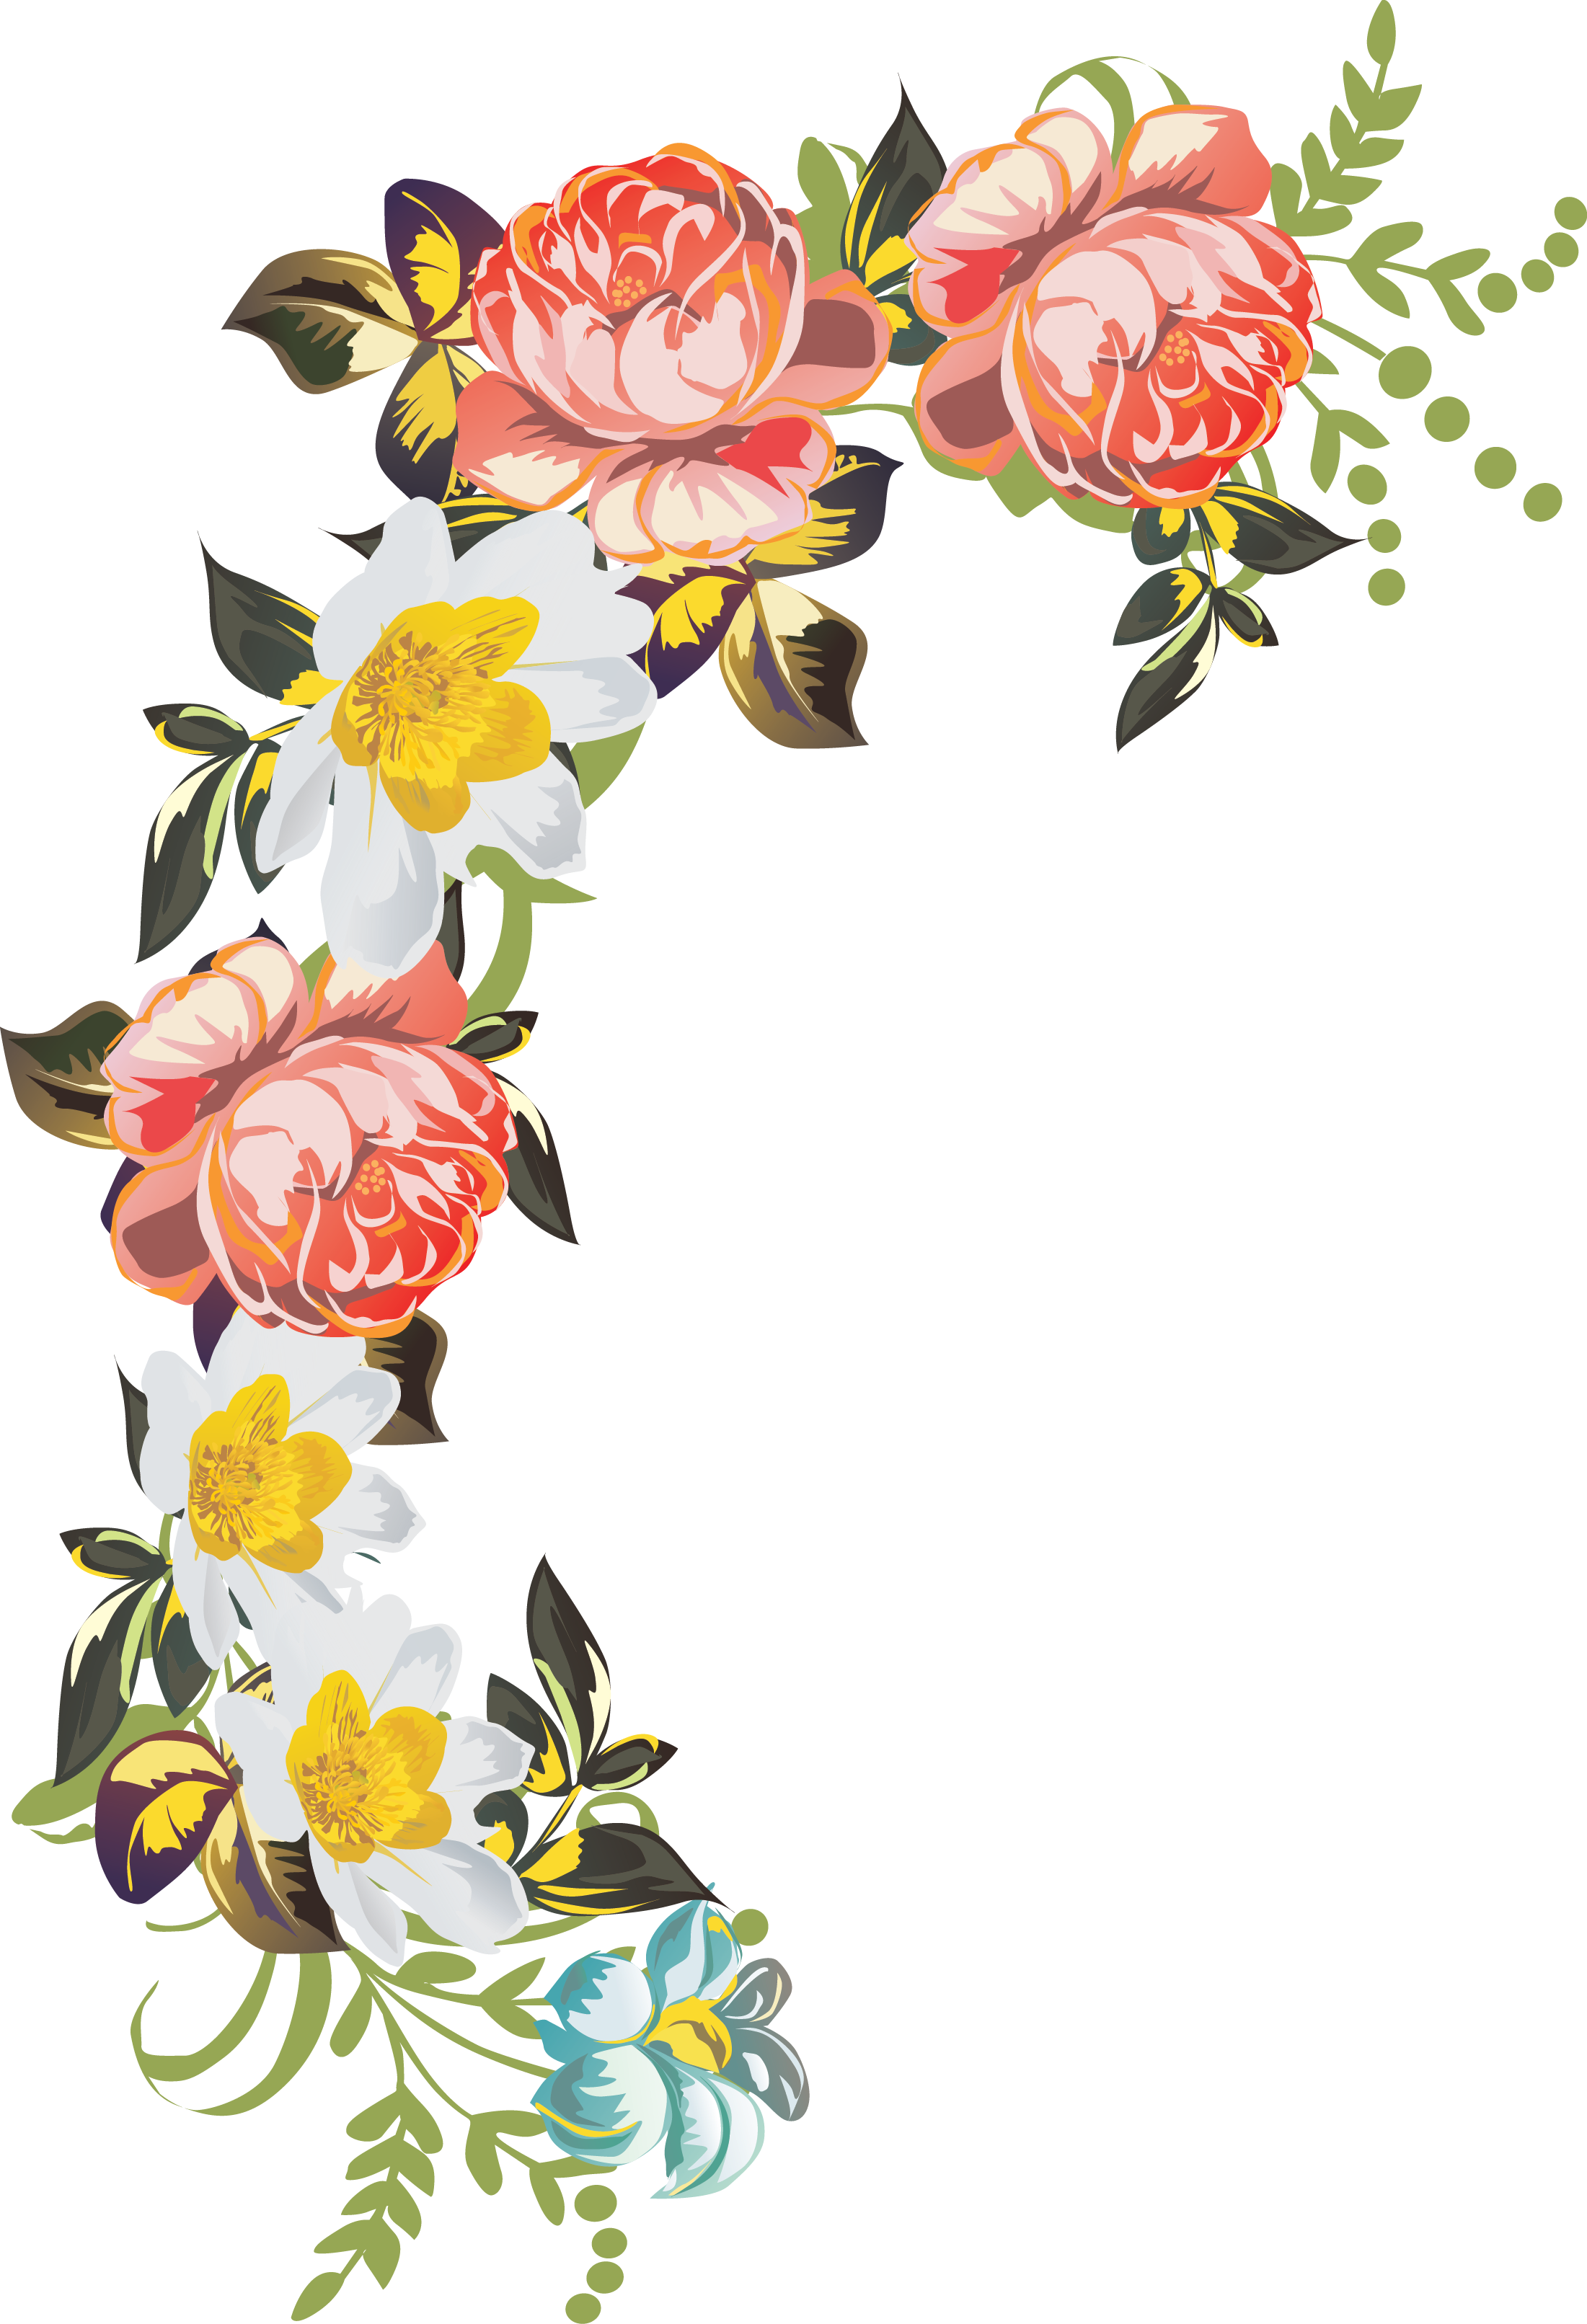 beautiful flowers Desenler ve Ürünler